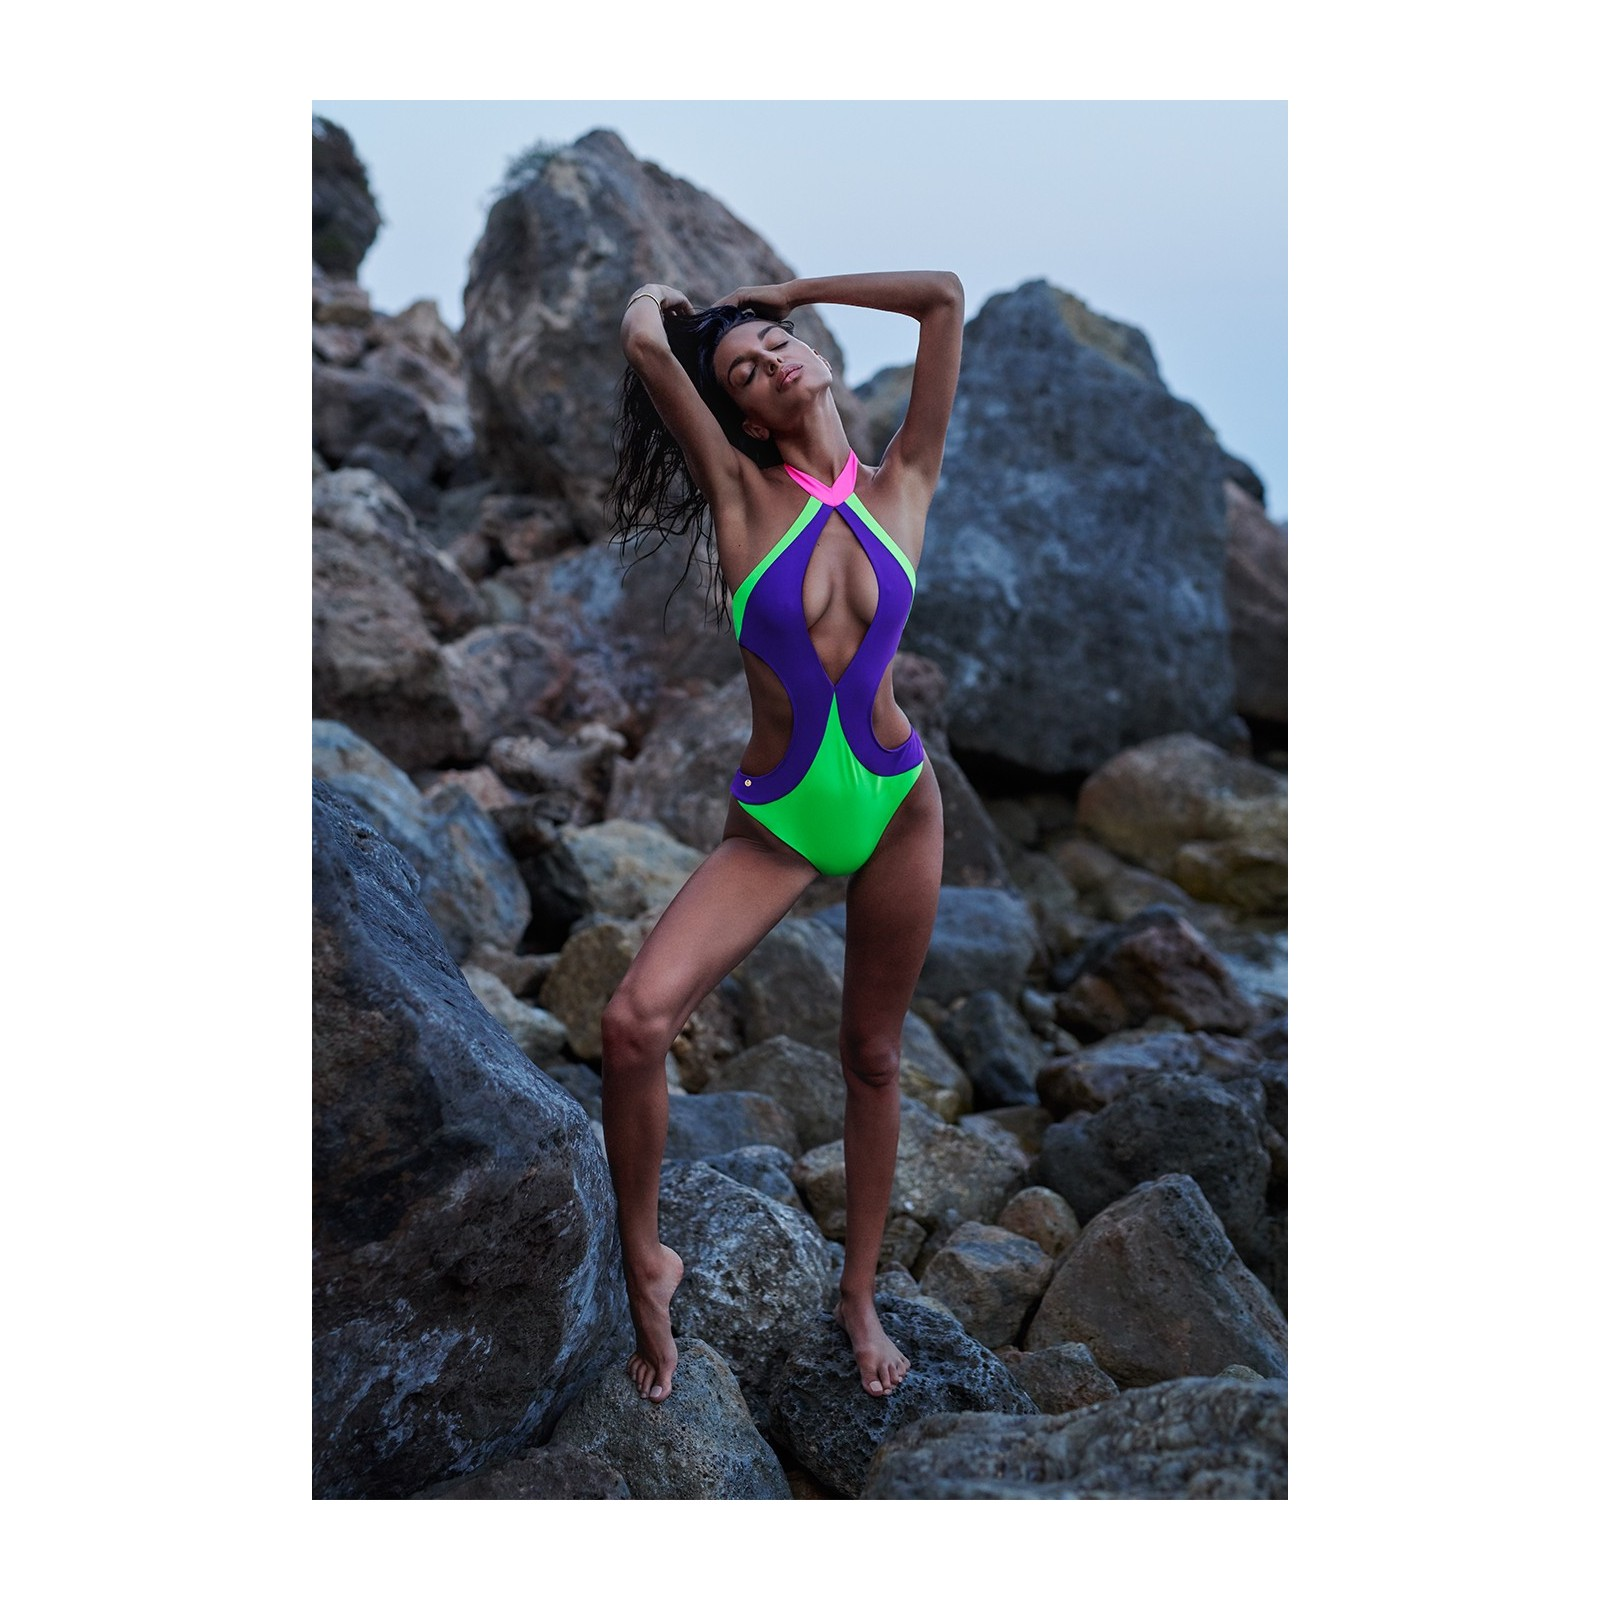 Badeanzug Playa Norte - 8 - Vorschaubild